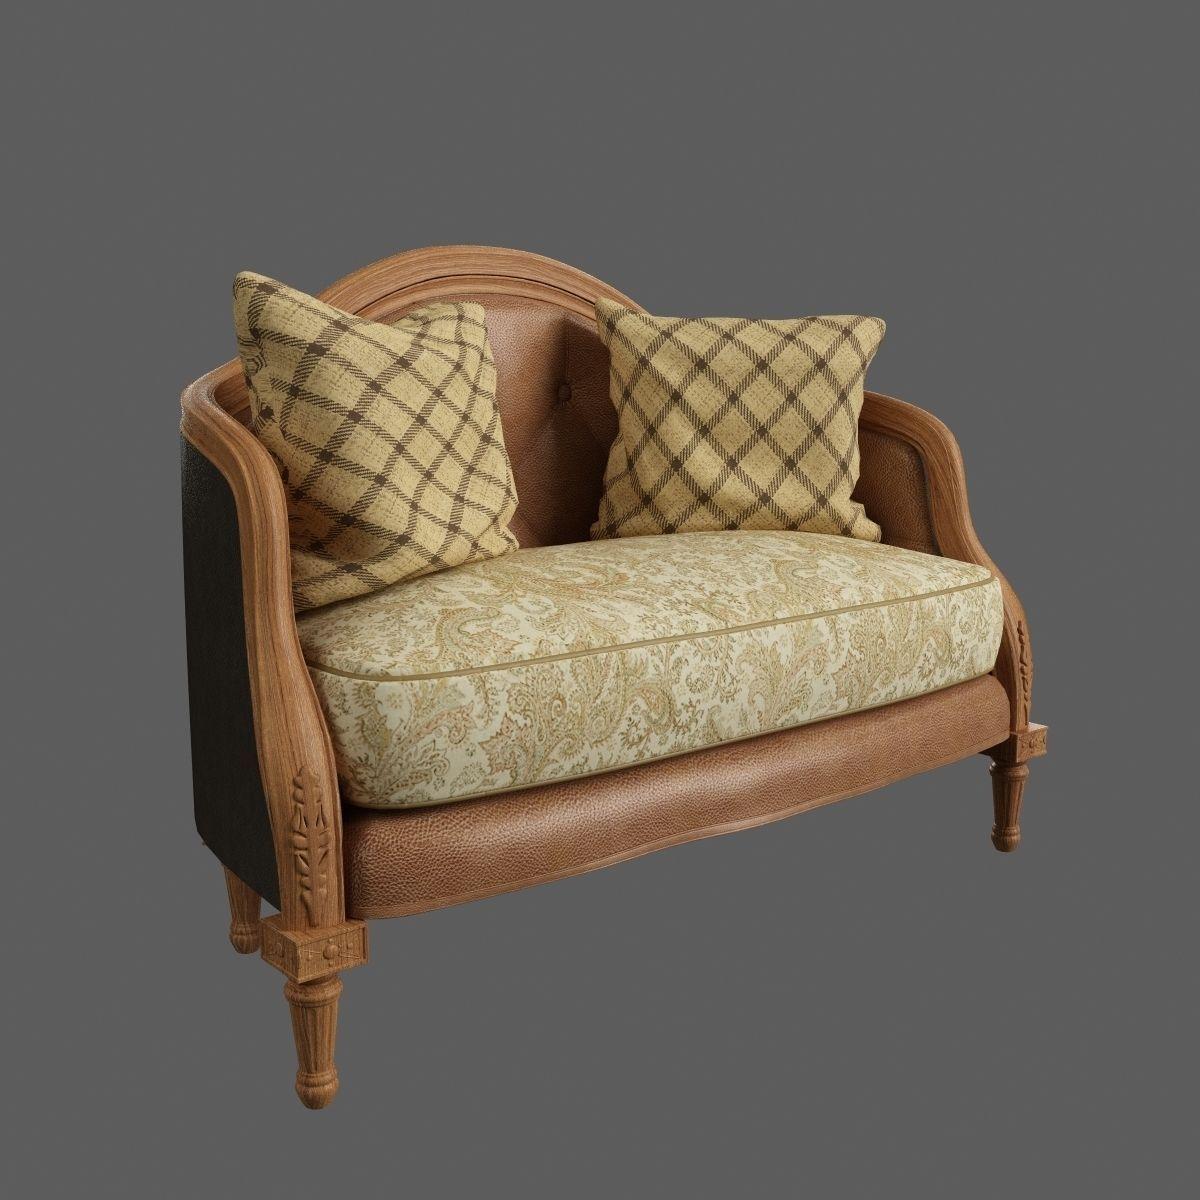 Classic Sofa Free 3D Model MAX OBJ